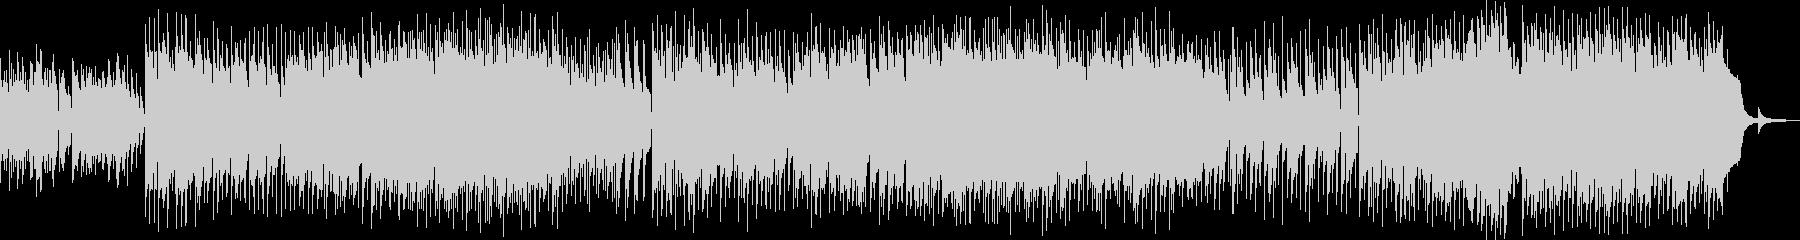 優しいエレピのメロディのピアノバラードの未再生の波形